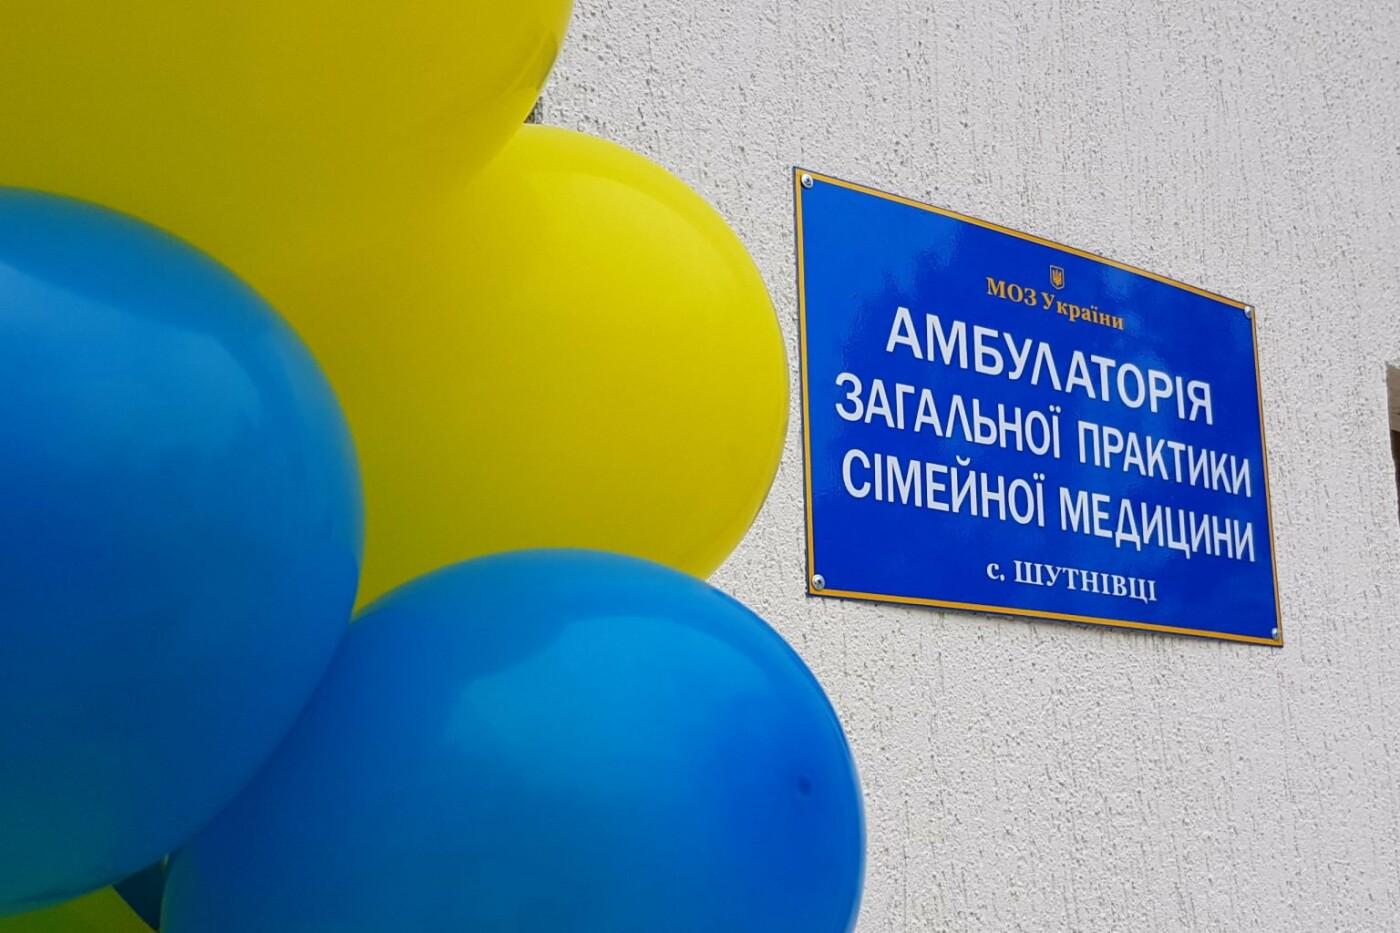 На Кам'янеччині відкрили нову амбулаторію сімейної медицини, фото-3, Фото: Хмельницька ОДА